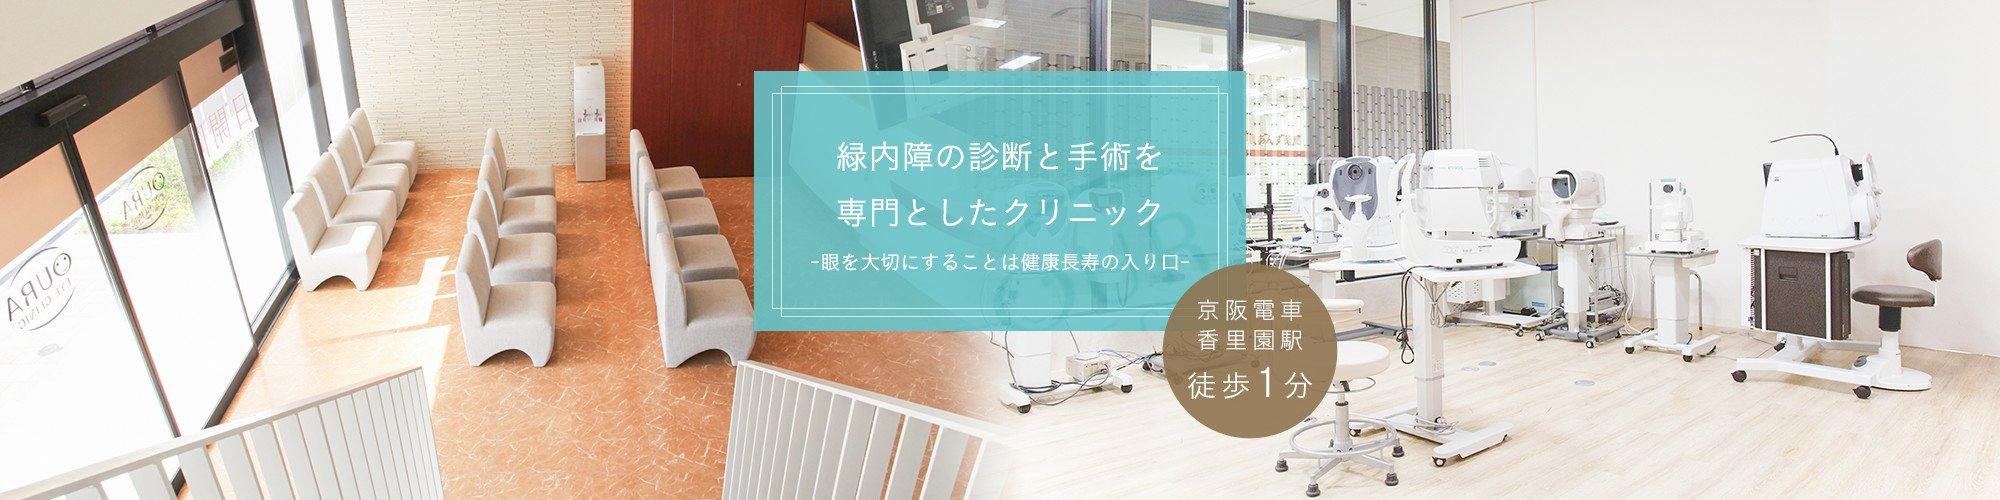 緑内障の診断と手術を専門としたクリニック -眼を大切にすることは健康長寿の入り口- 京阪電車香里園駅 徒歩1分